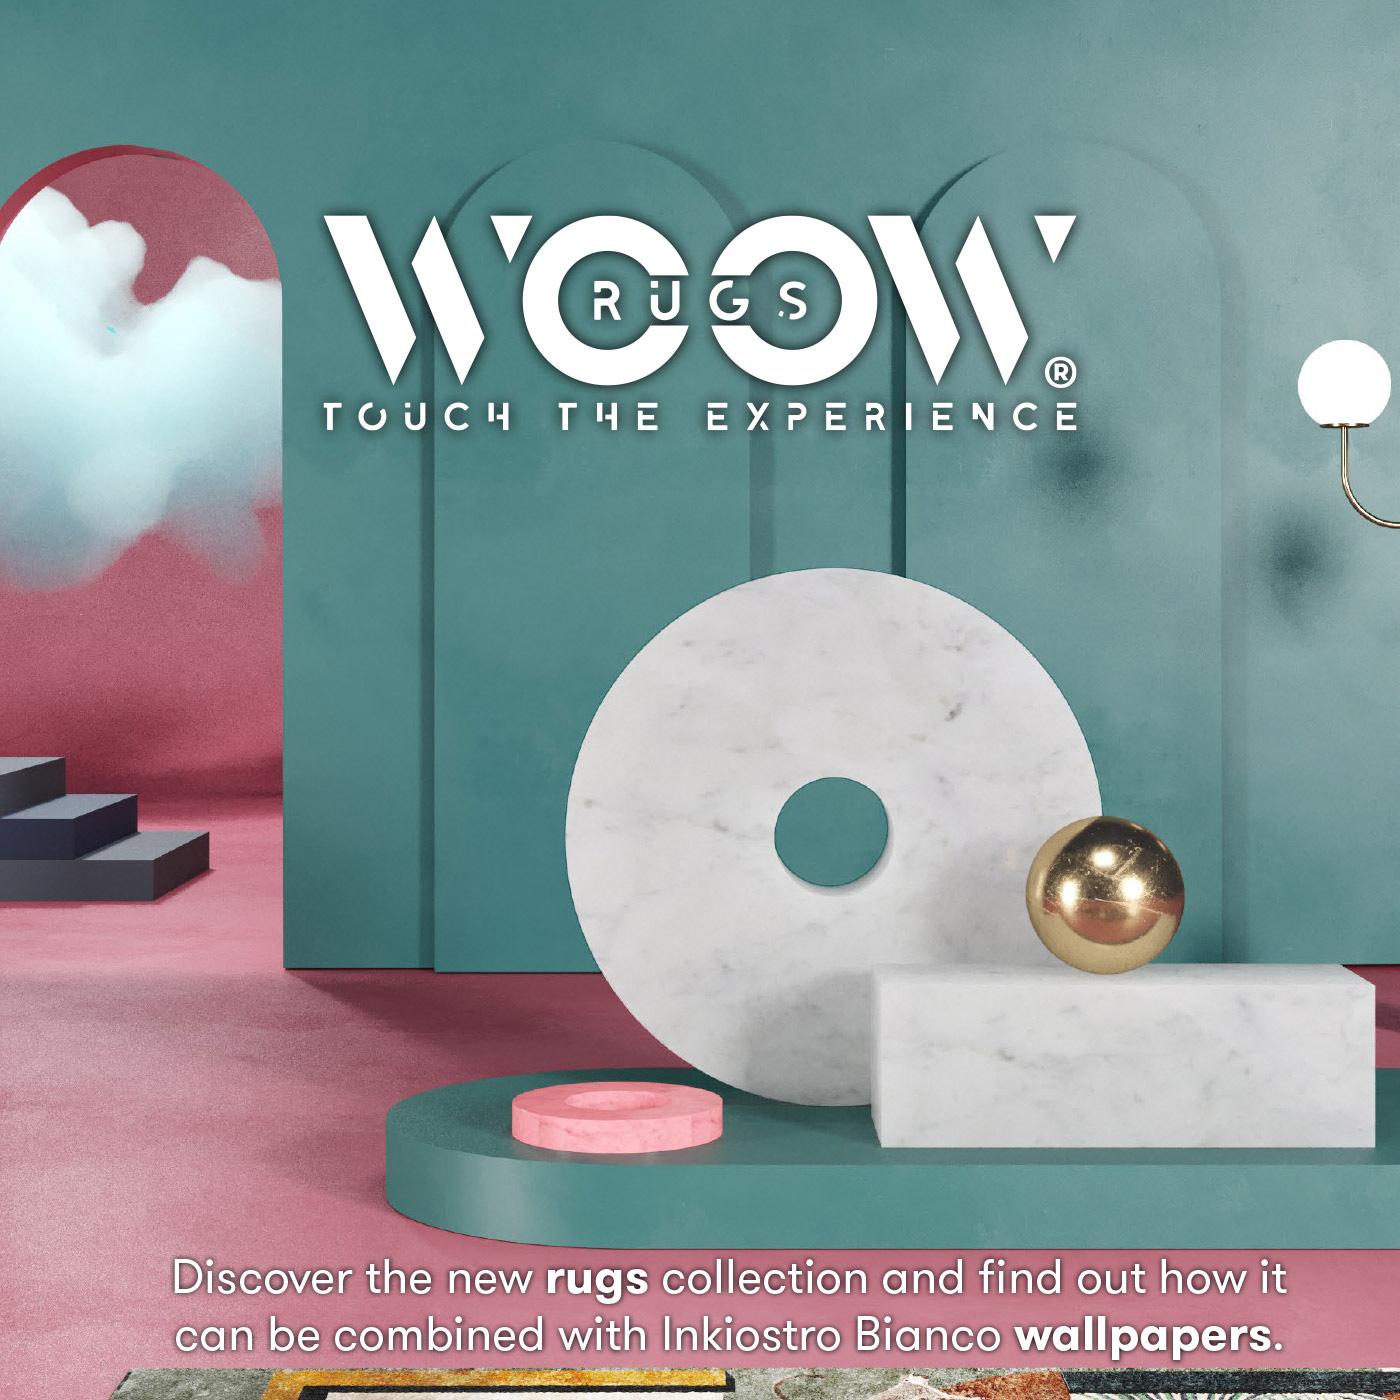 Tappeti Woow Rugs: la nuova linea di Inkiostro Bianco da abbinare alle carte da parati